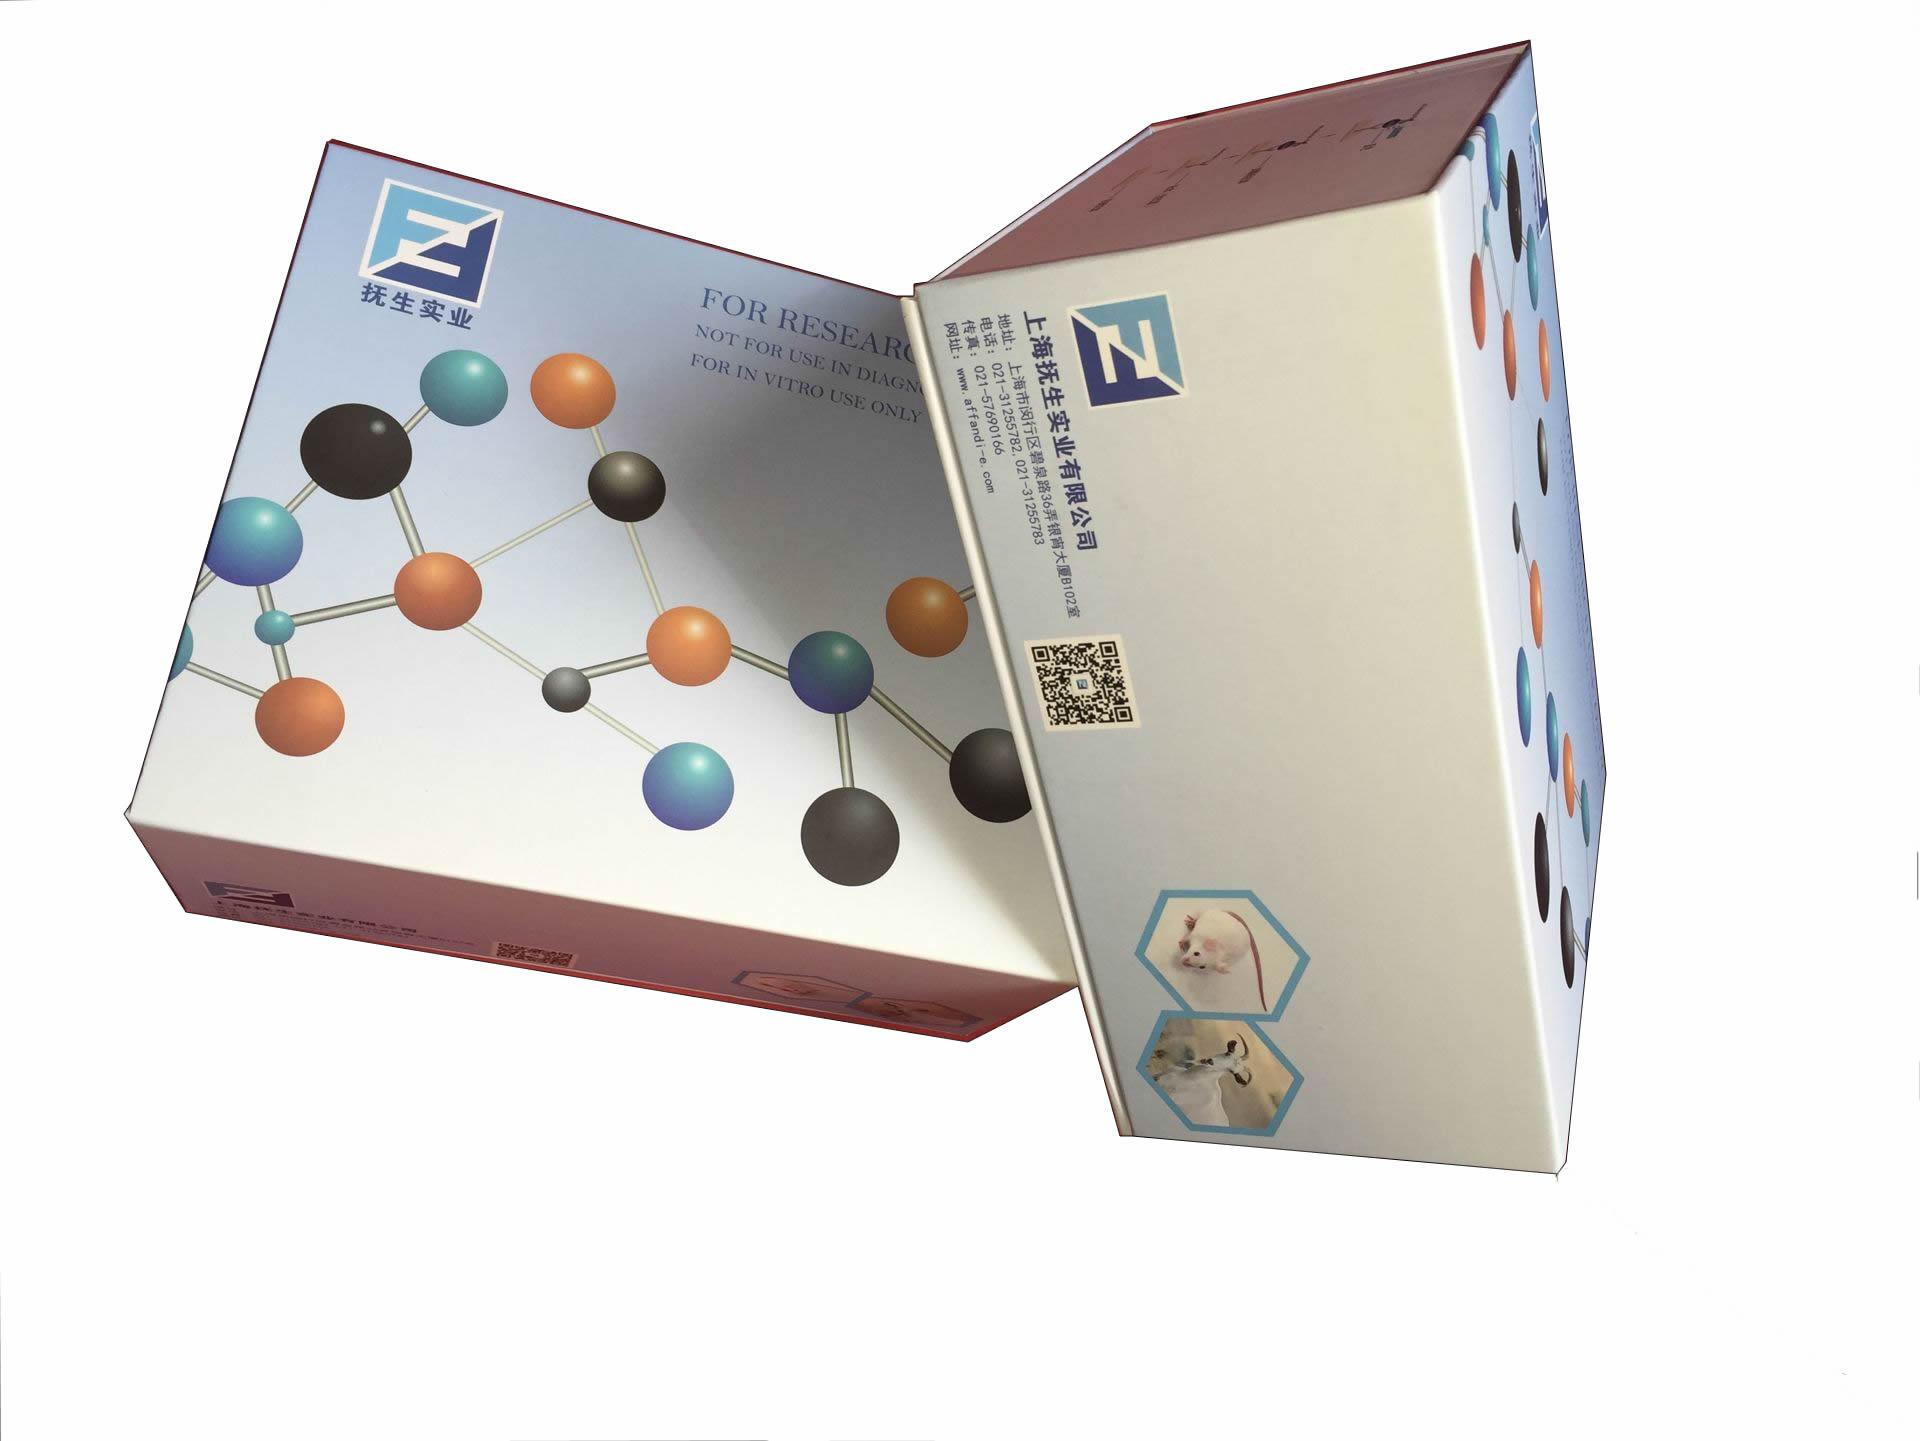 骨唾液酸糖蛋白检测试剂盒